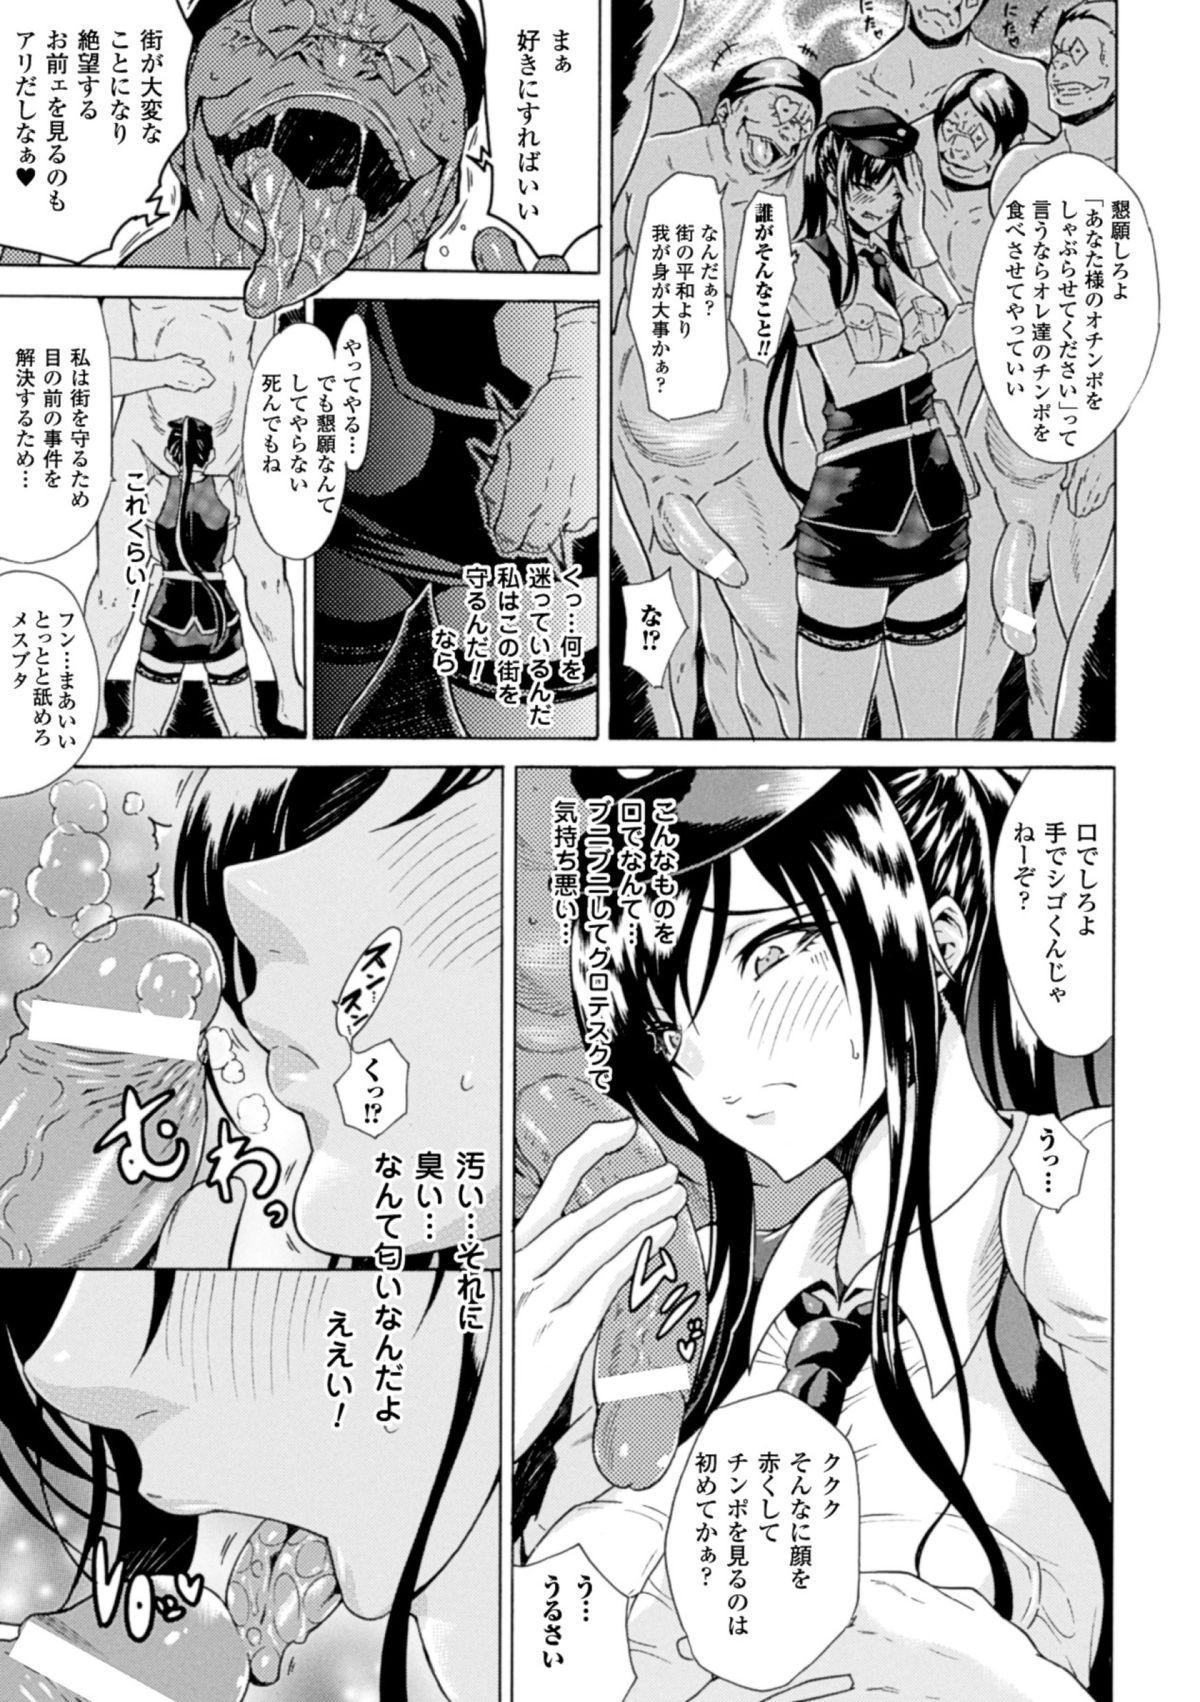 Hyottoko FellaGao wo Sarasu Bishoujo-tachi Vol. 1 8